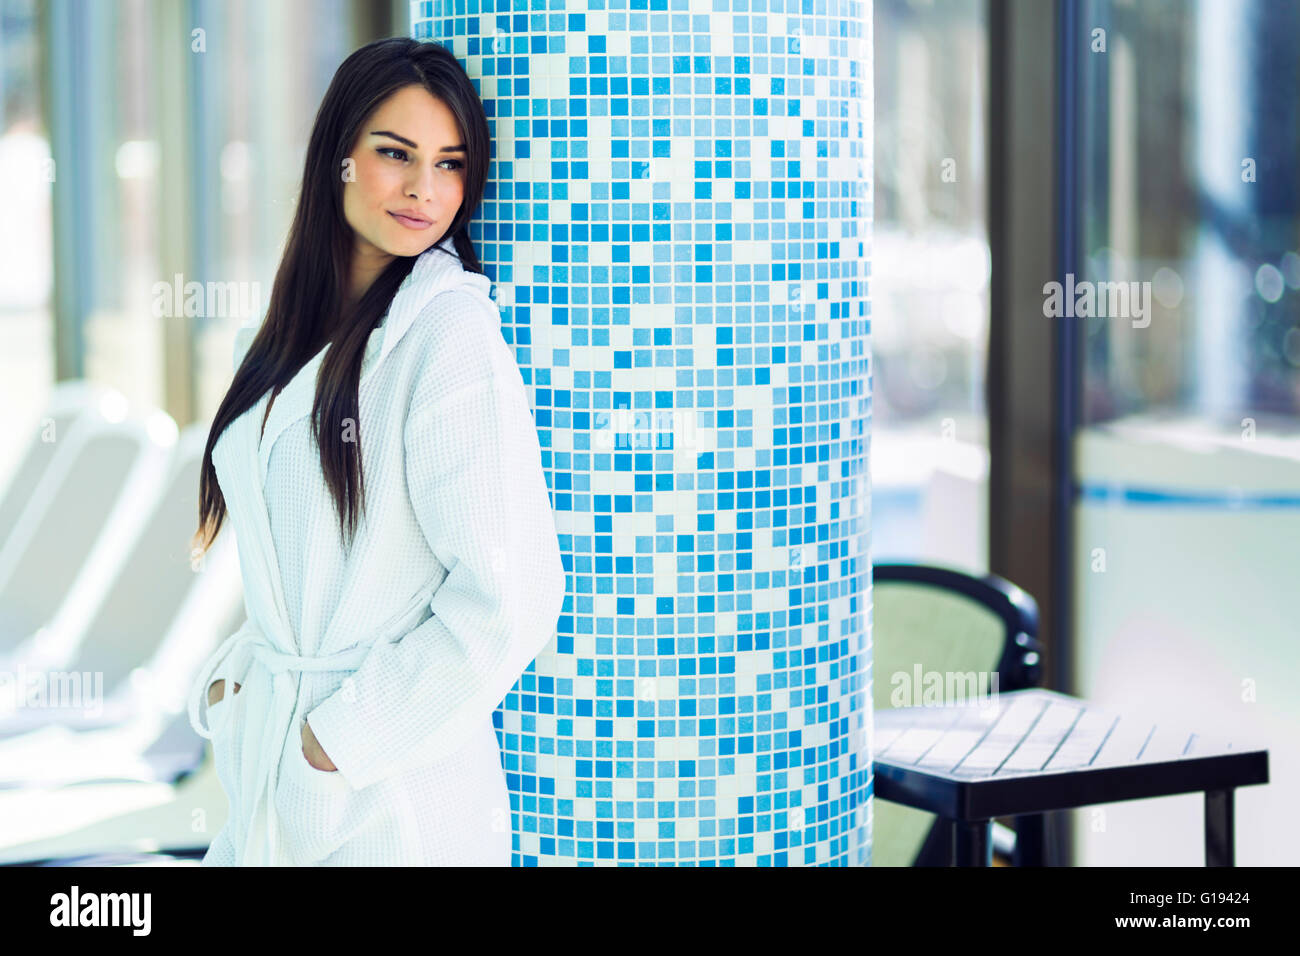 Retrato de una joven y bella mujer en un albornoz junto a una piscina Imagen De Stock